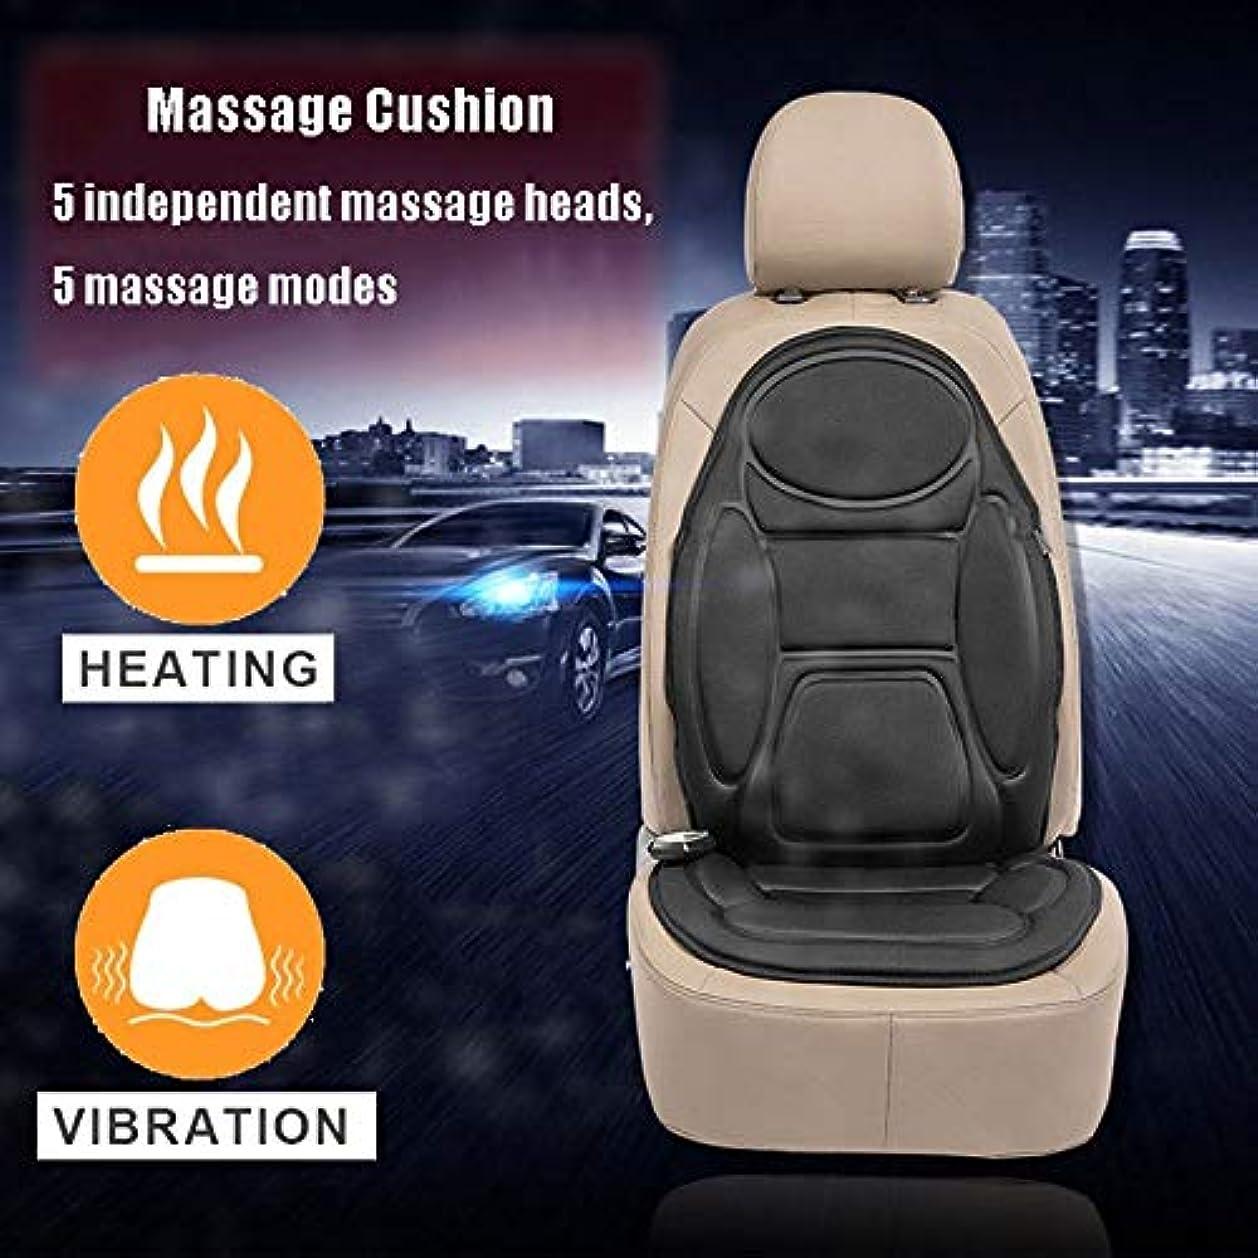 シャワー適応的コカインマッサージチェアパッド モーターシートマッサージャー、車用マッサージクッション、熱と正確なピンポイントカスタマイズコントロールを備えたモーターマッサージャー、全身筋肉痛を緩和するための車椅子マッサージャー バックマッサージャー